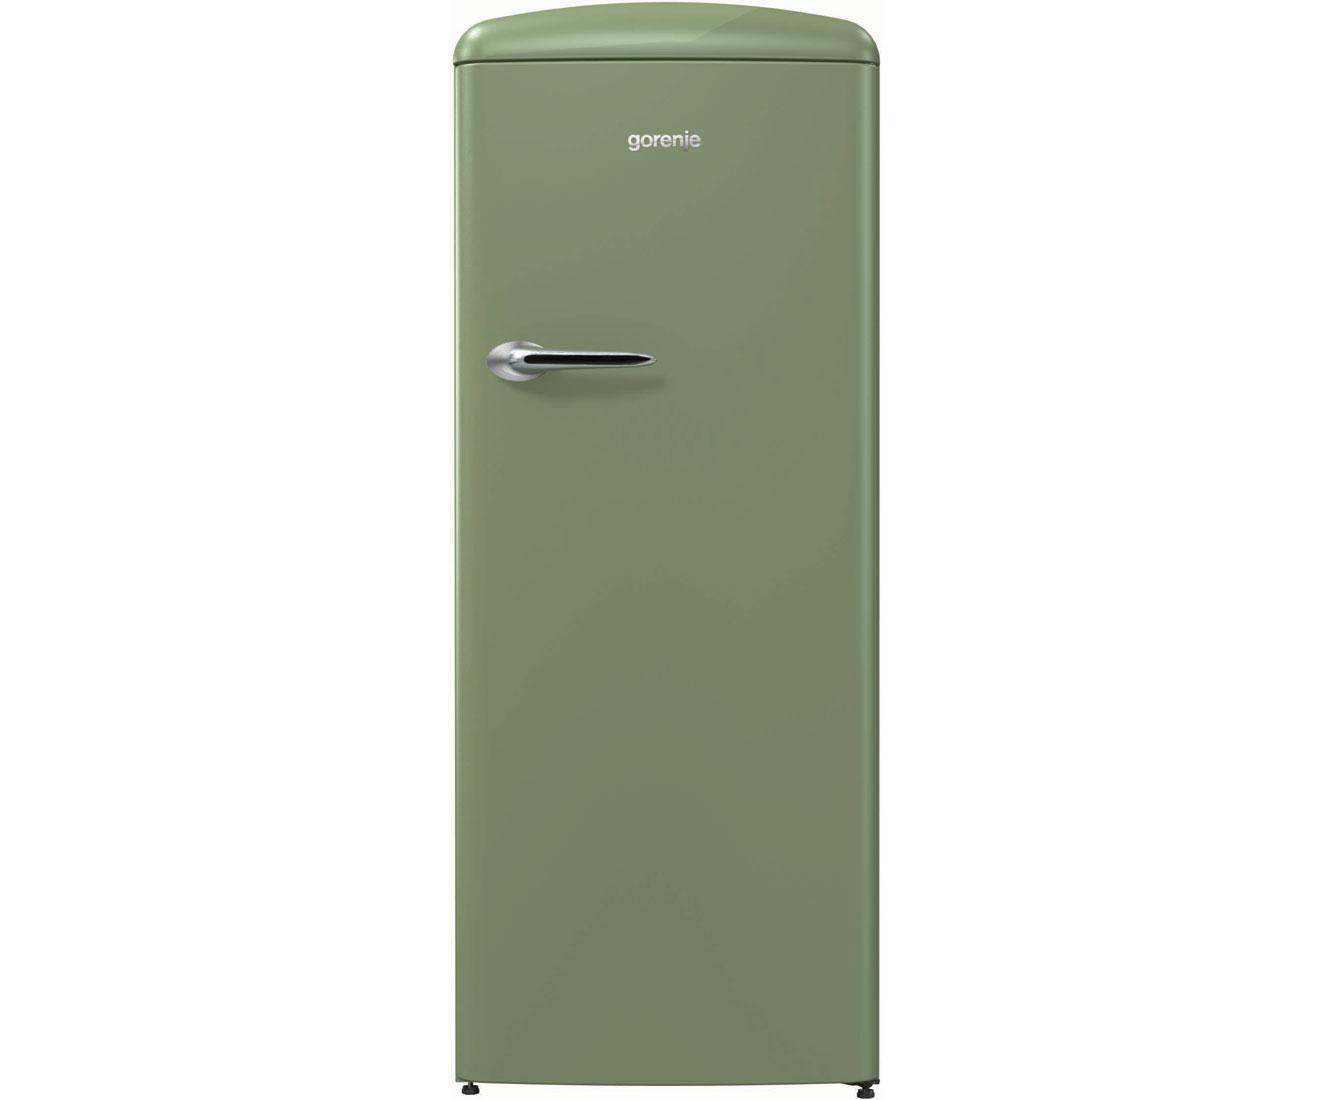 Gorenje Kühlschrank Ion Air : Gorenje oldtimer orb ol kühlschrank mit gefrierfach olivgrün